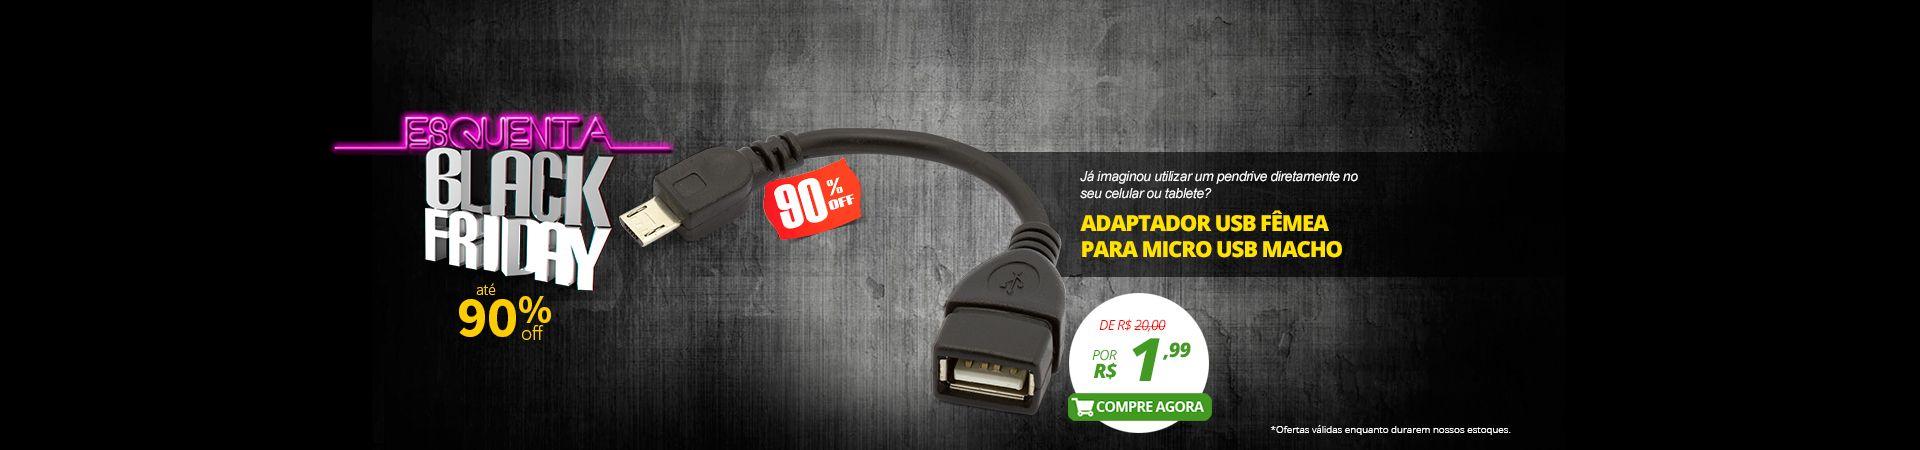 ADAPTADOR USB FÊMEA PARA MICRO USB MACHO - PROMO